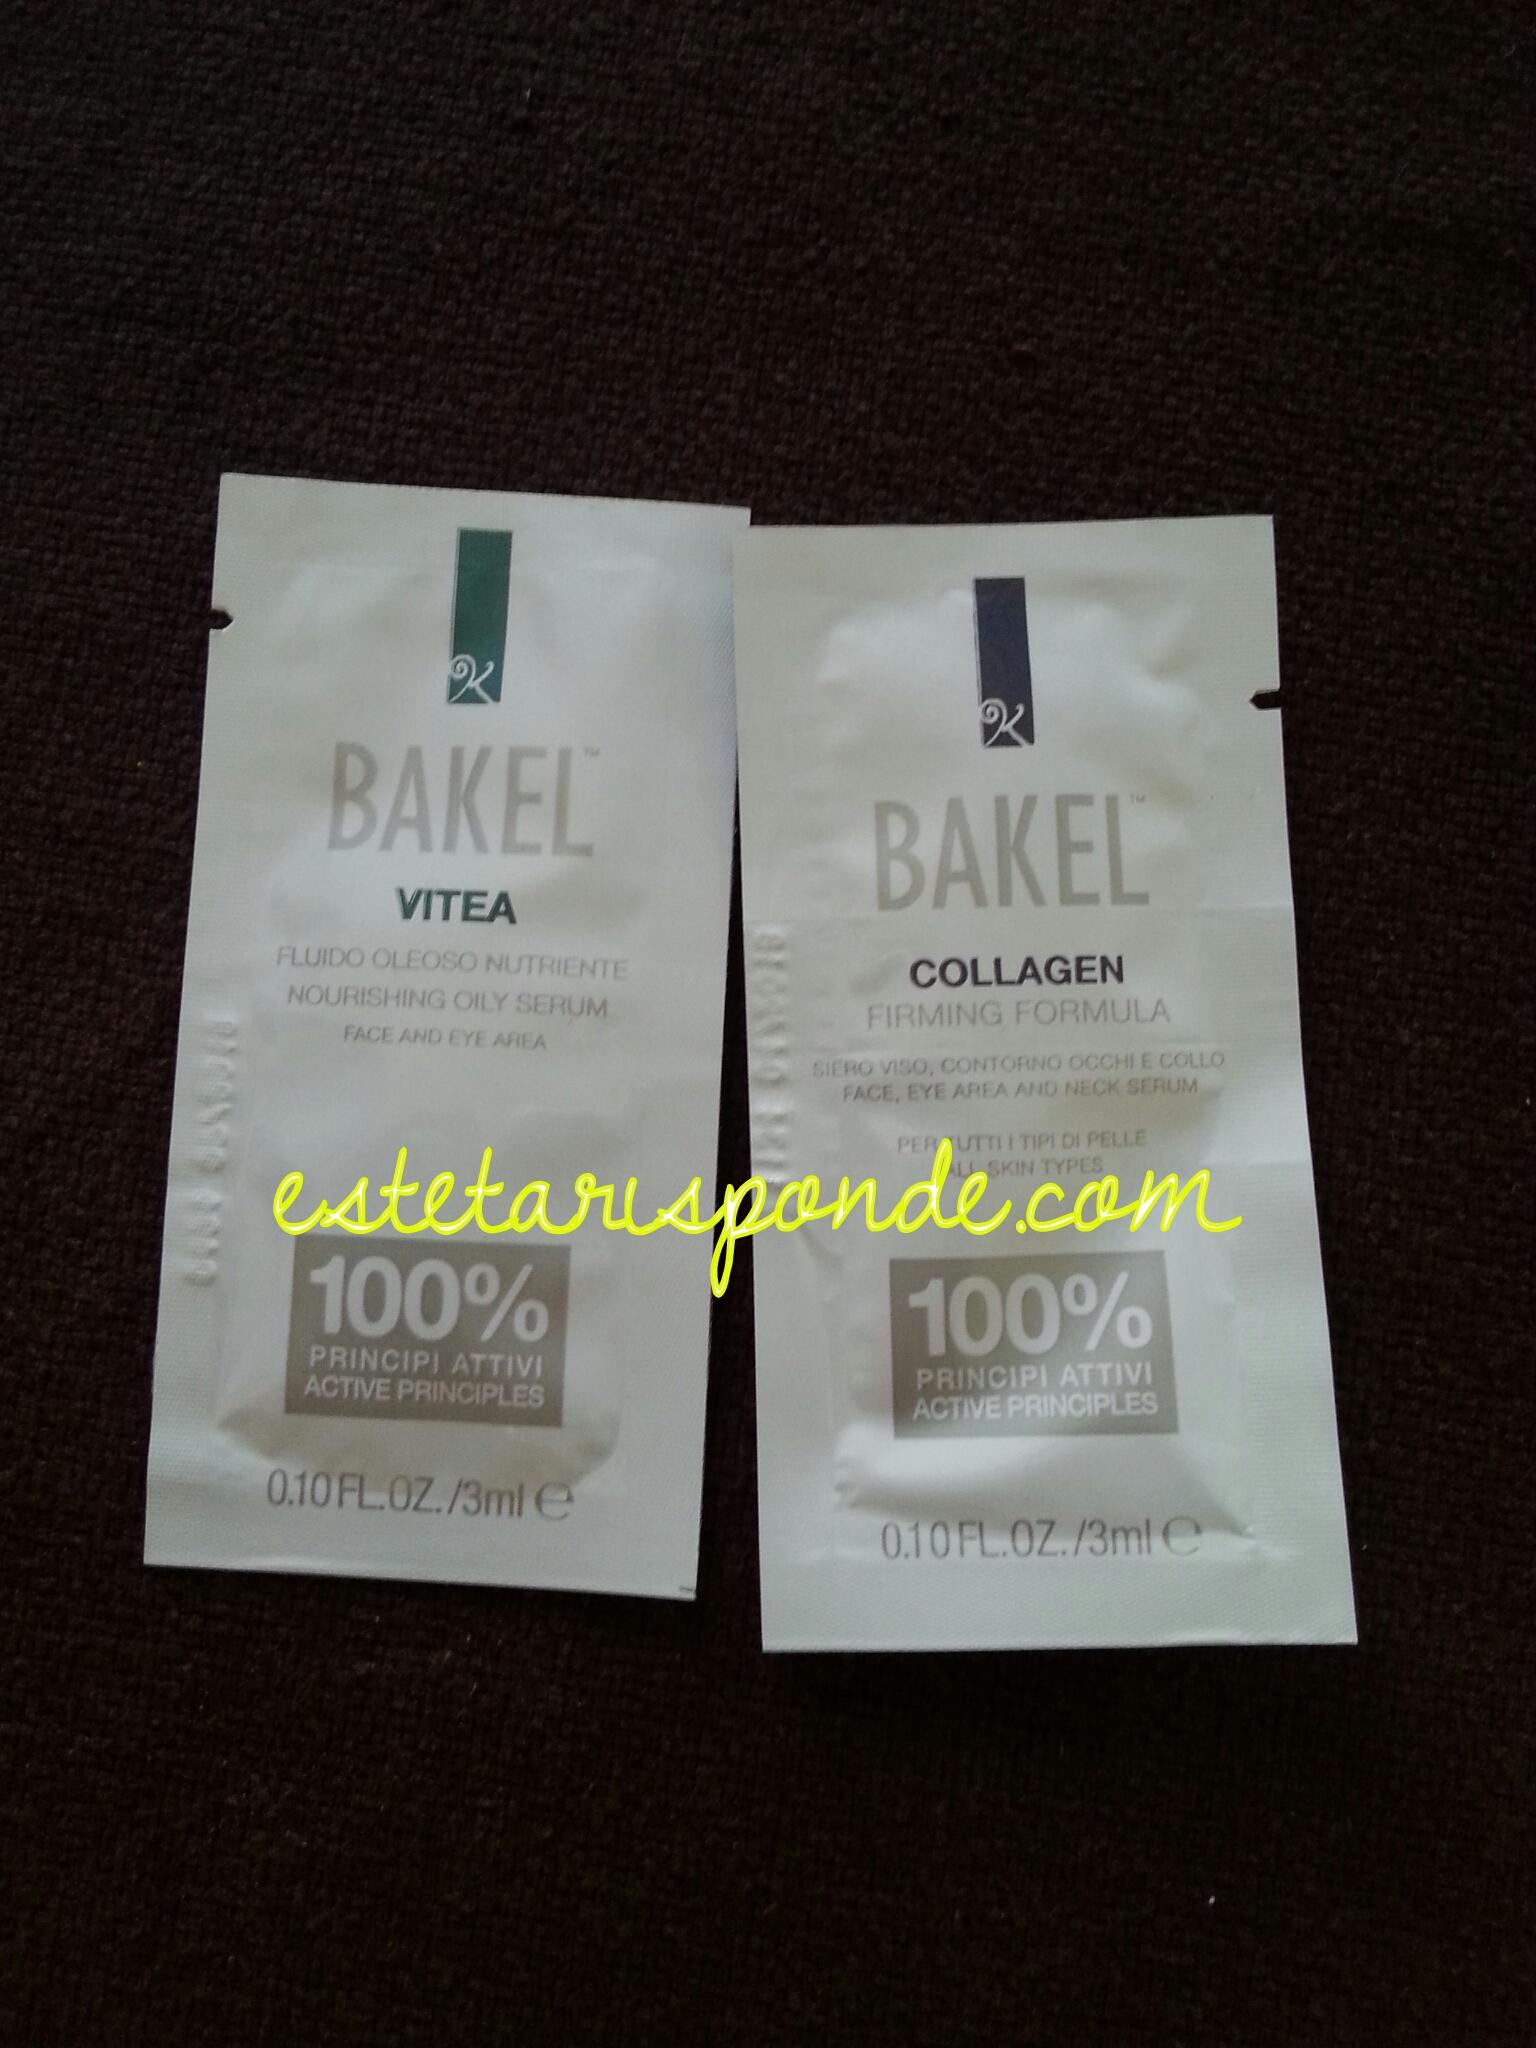 Bakel Vitea e Collagen